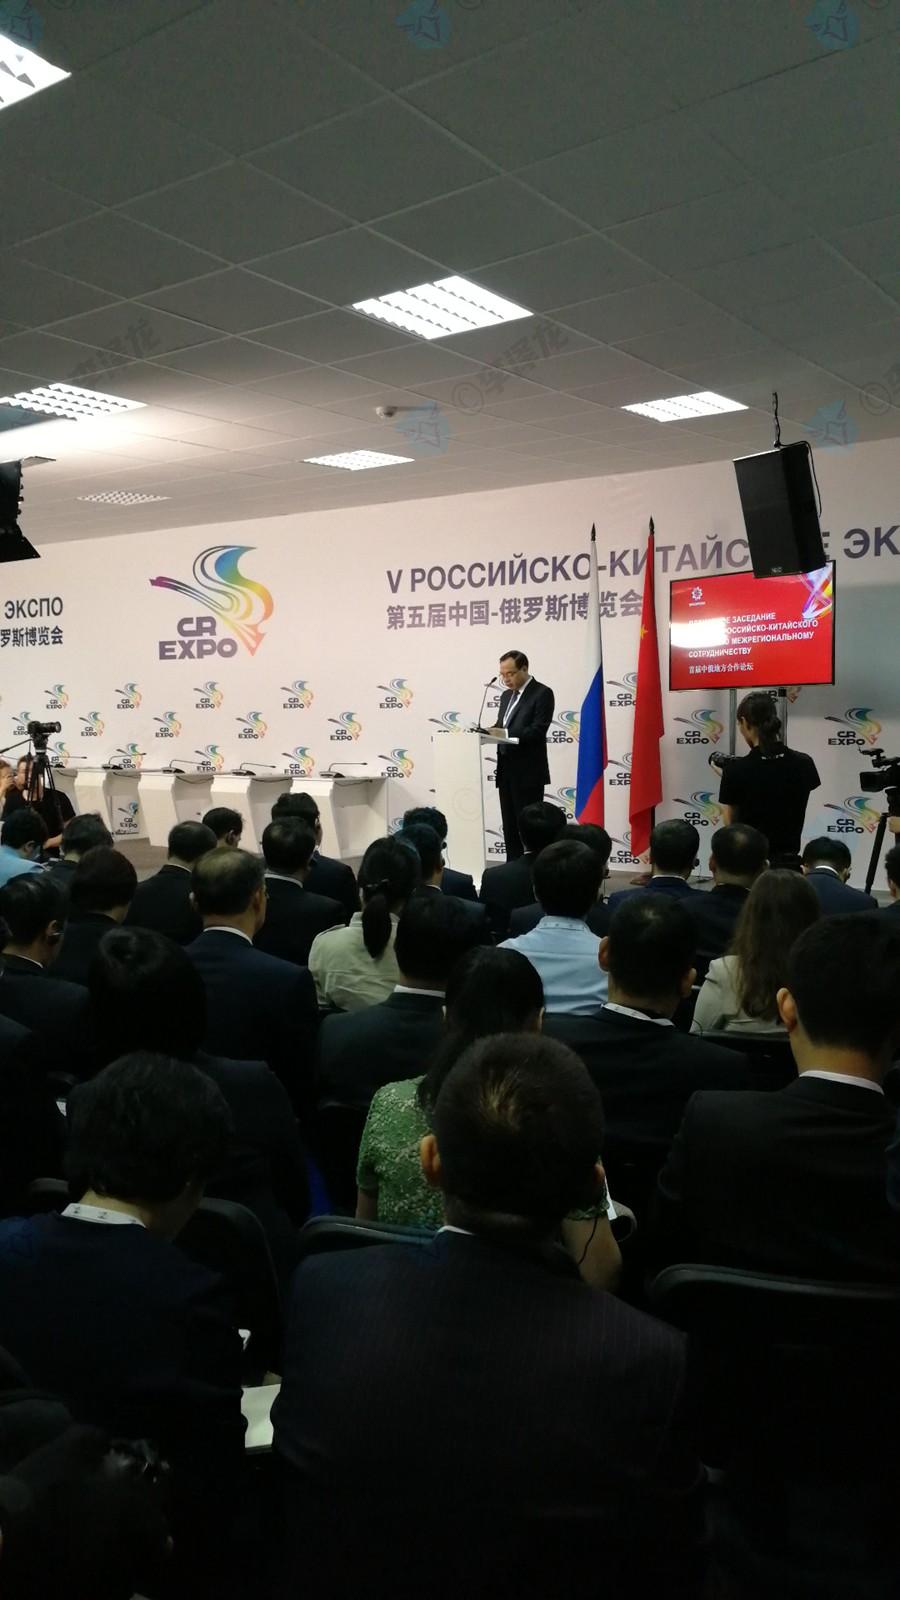 参加俄罗斯工业博览会(俄罗斯创新工业展)是什么体验?插图33-小狮座俄罗斯留学